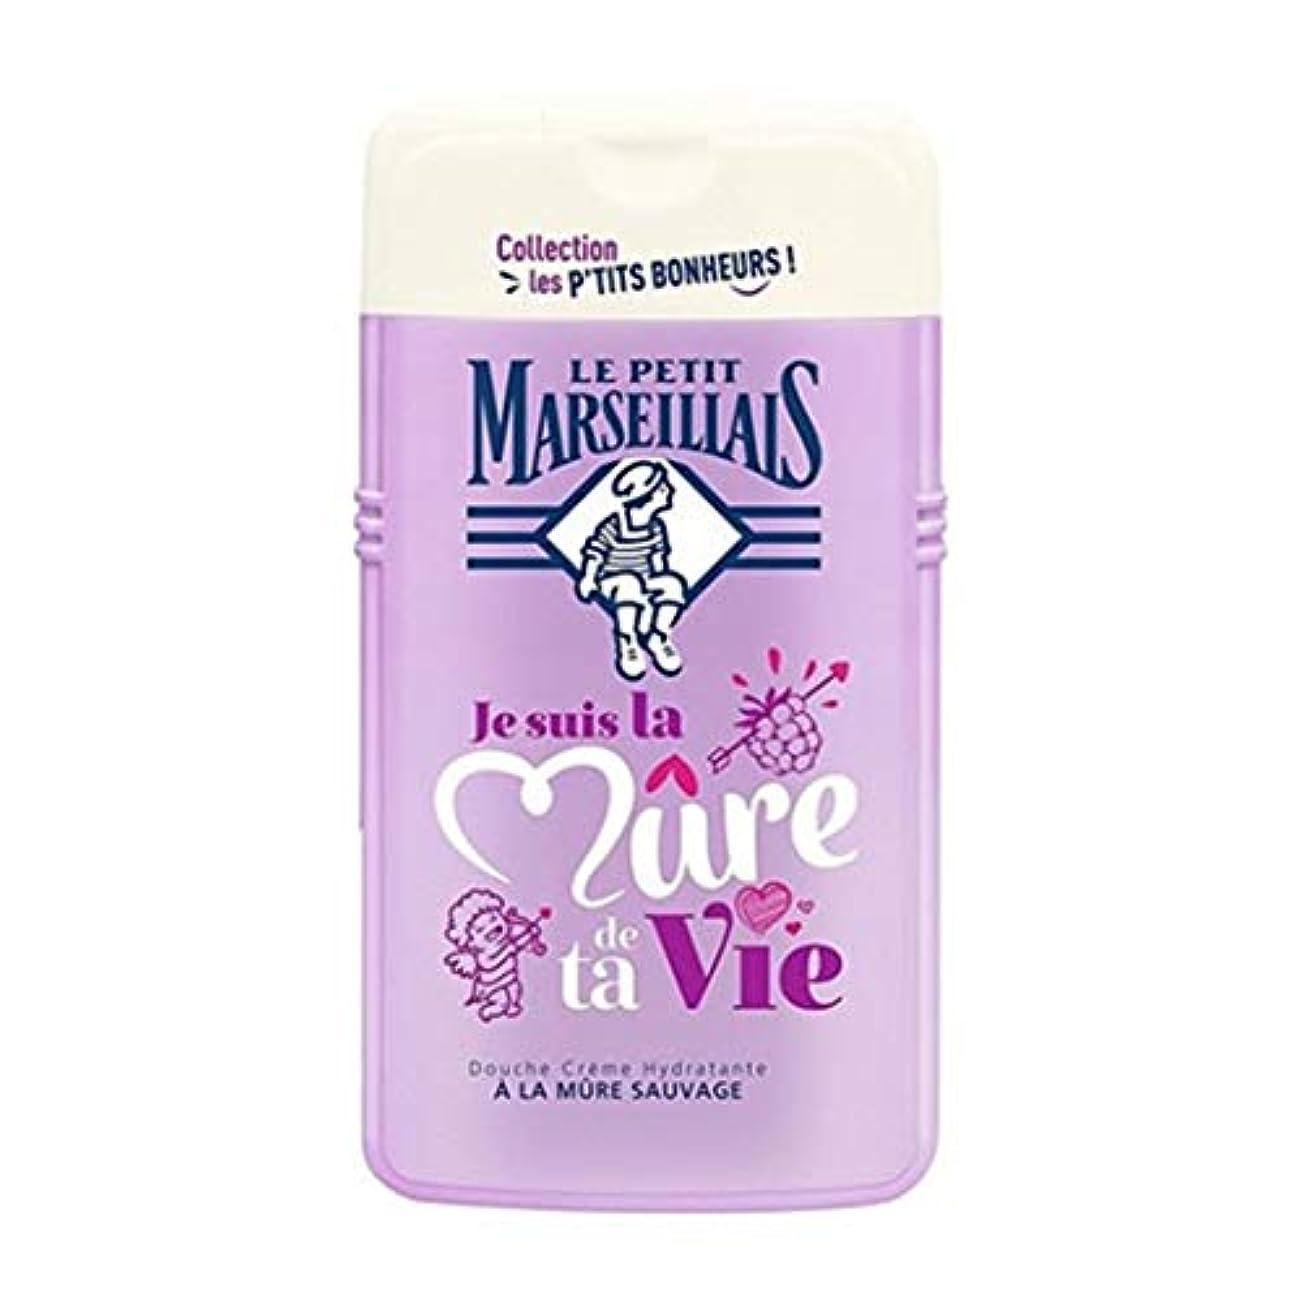 好意的フラップ光の「ブラックベリー」シャワークリーム ???? フランスの「ル?プティ?マルセイユ (Le Petit Marseillais)」 les P'TITS BONHEURS 250ml ボディウォッシュ